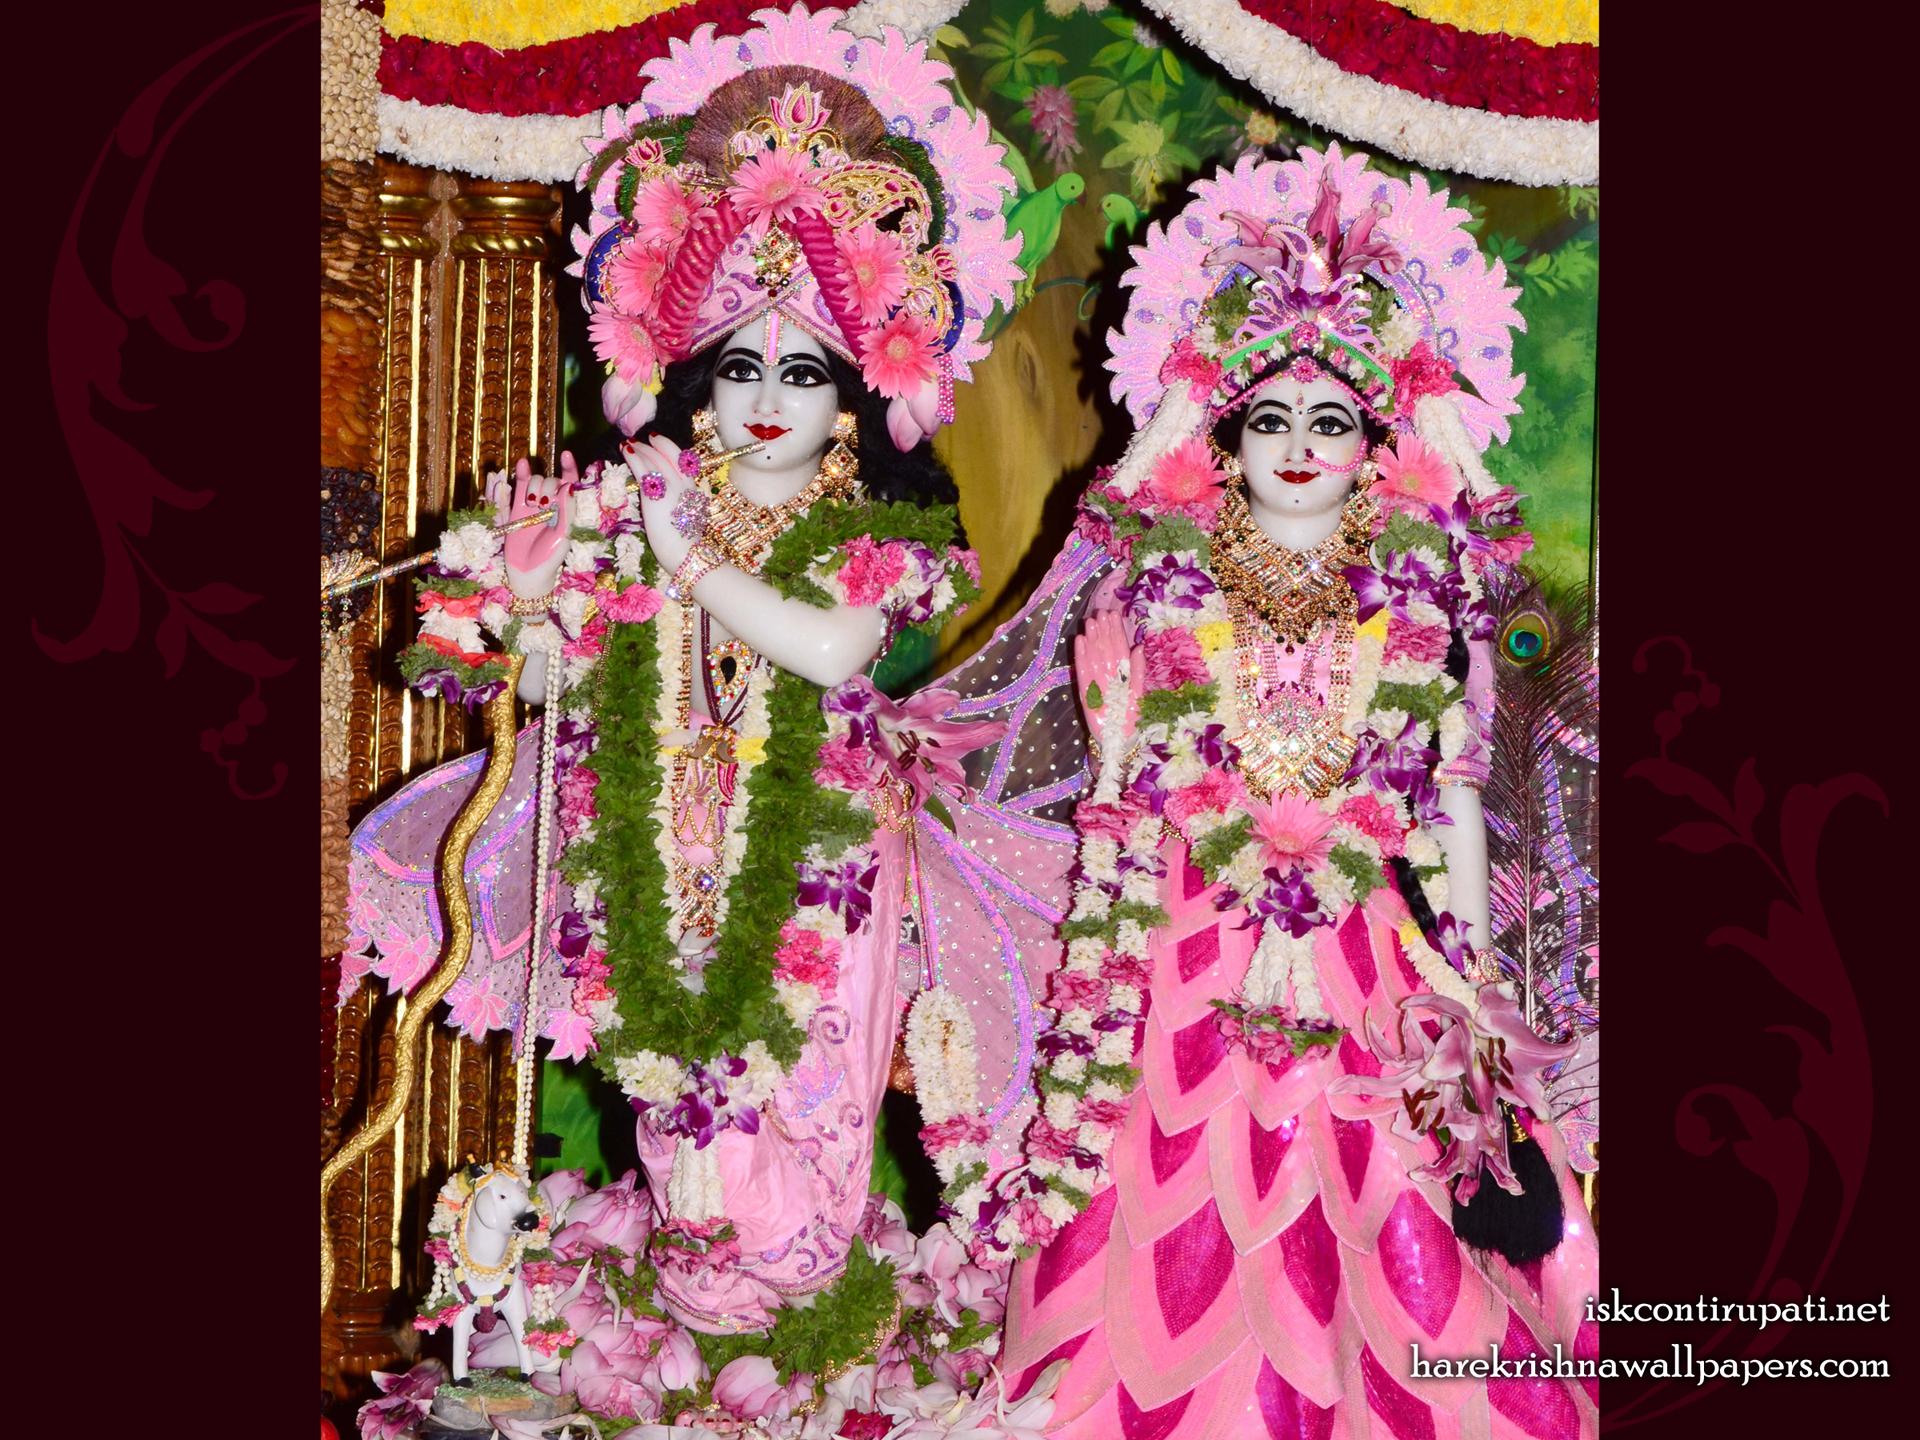 Sri Sri Radha Govinda Wallpaper (009) Size 1920x1440 Download